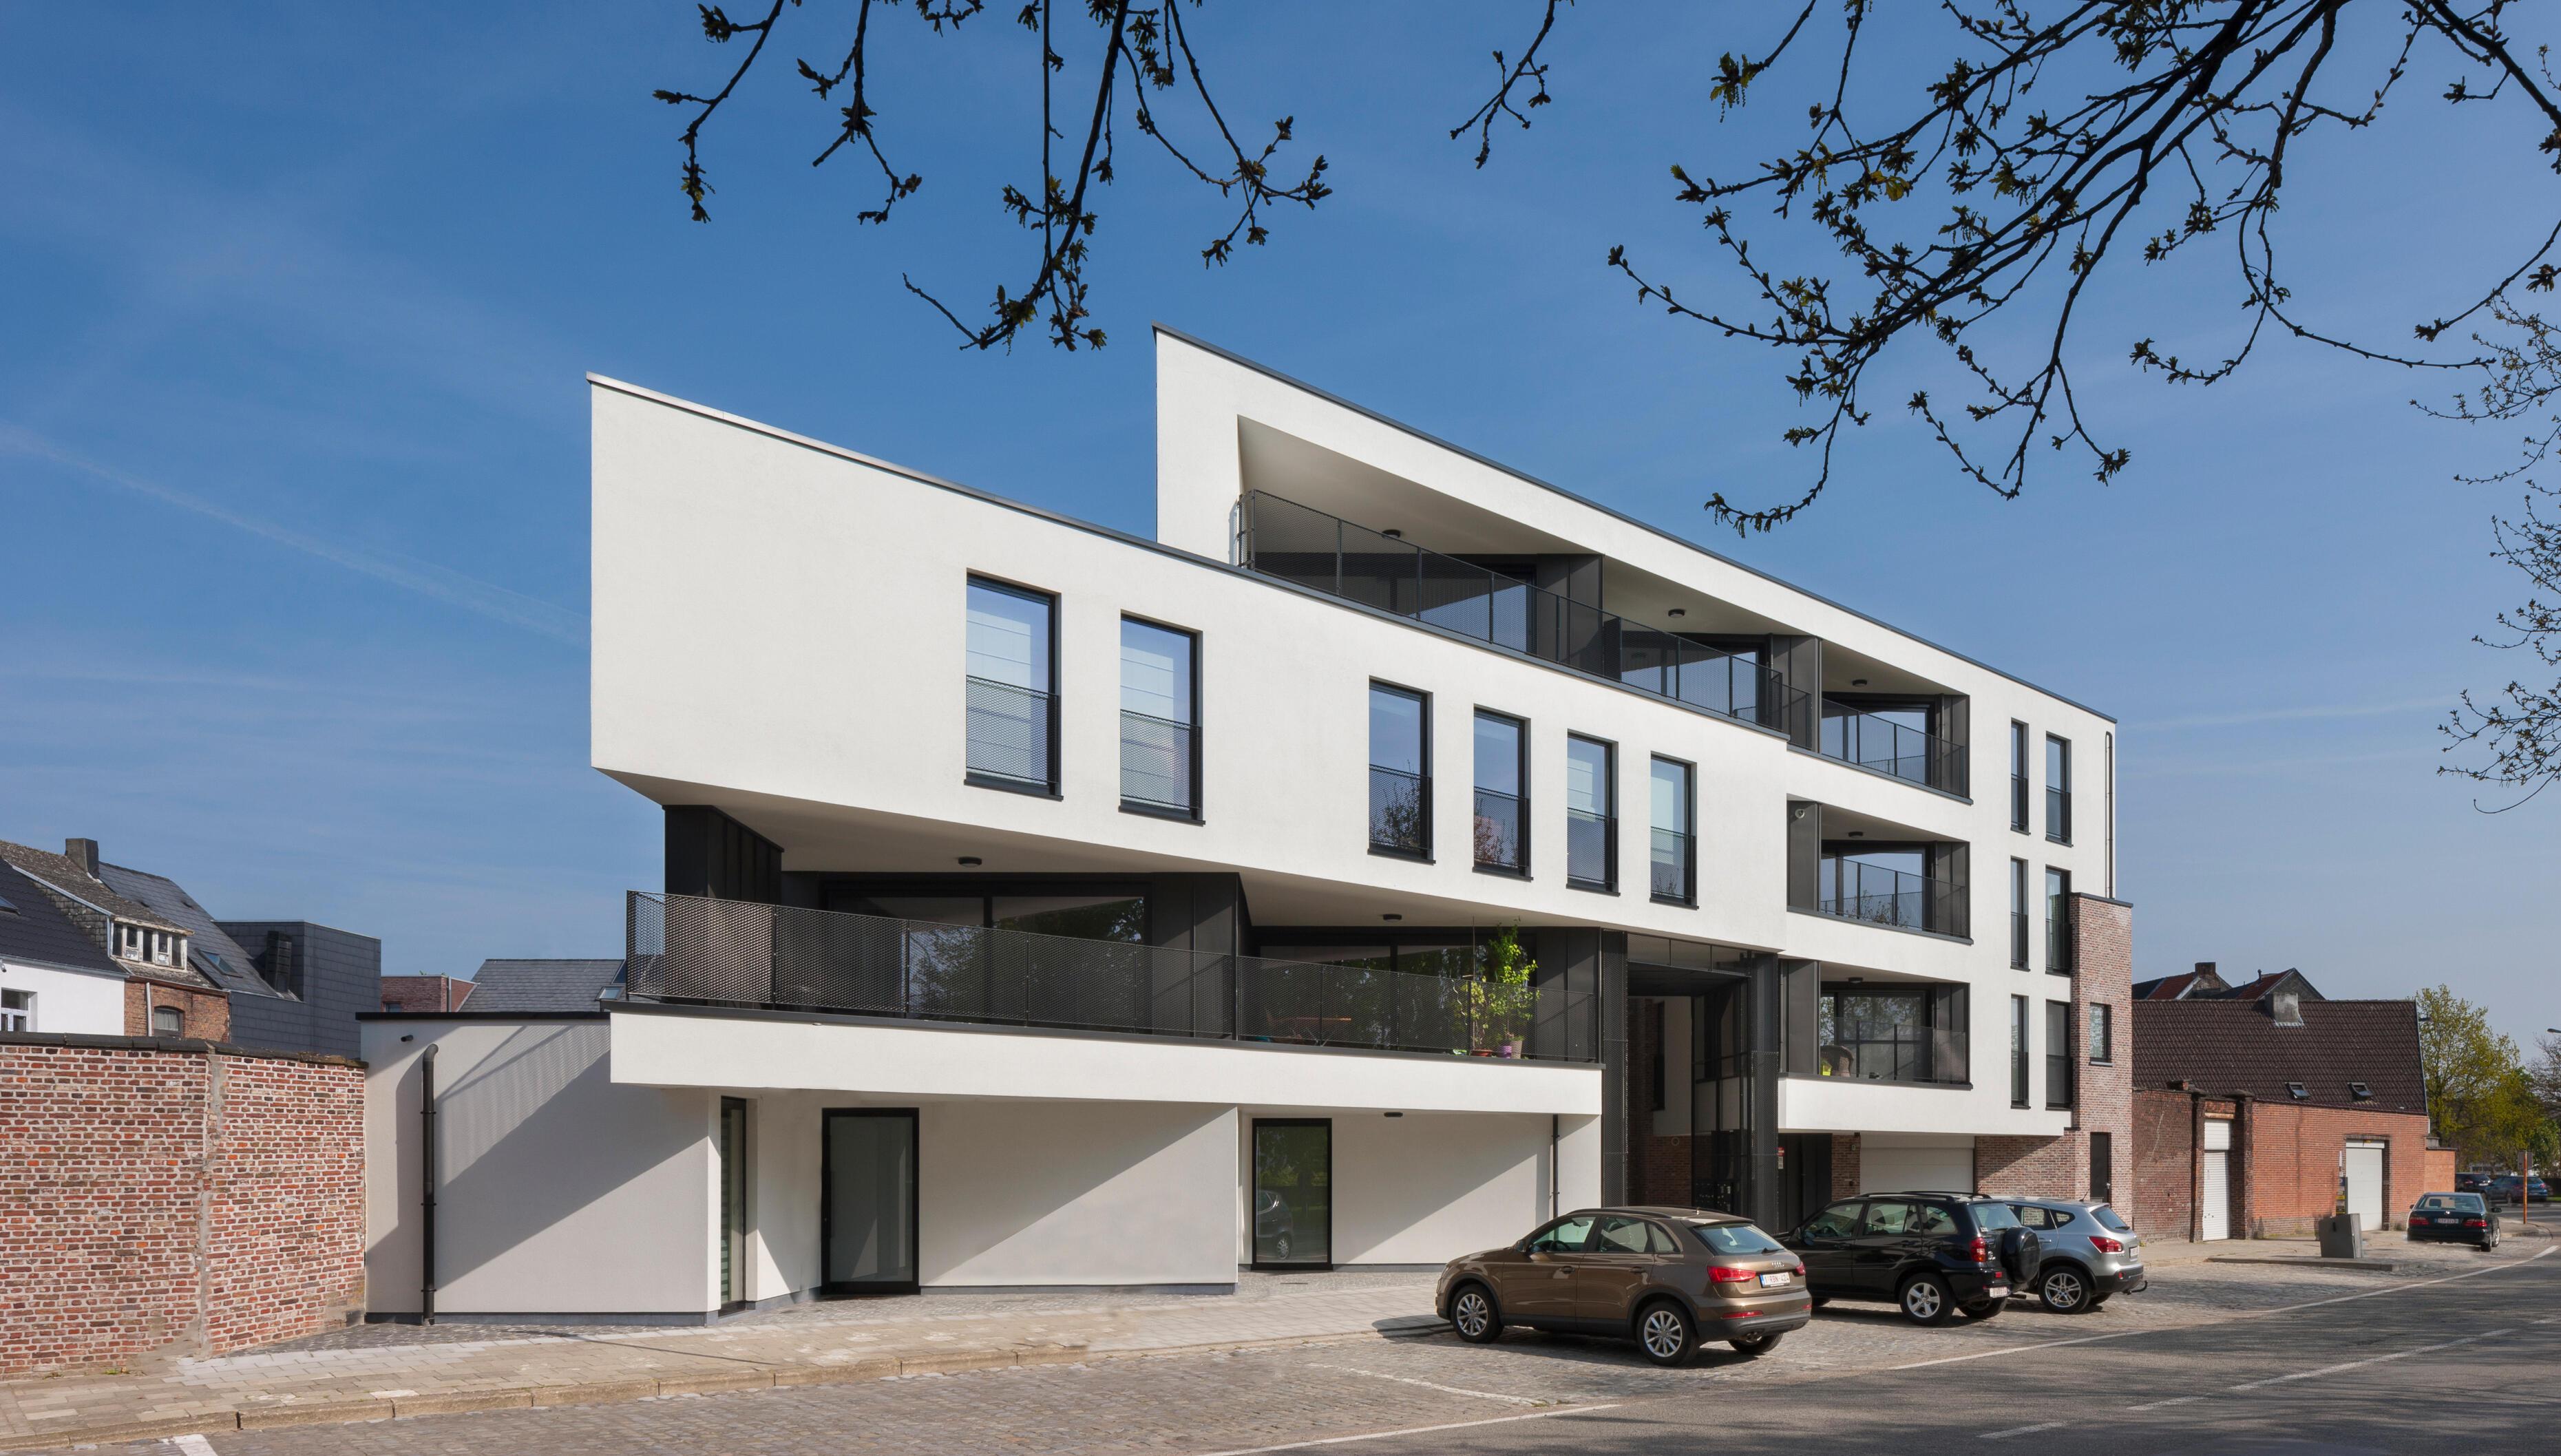 Een verhaal ap art ap art architecten for Interieur architectuur